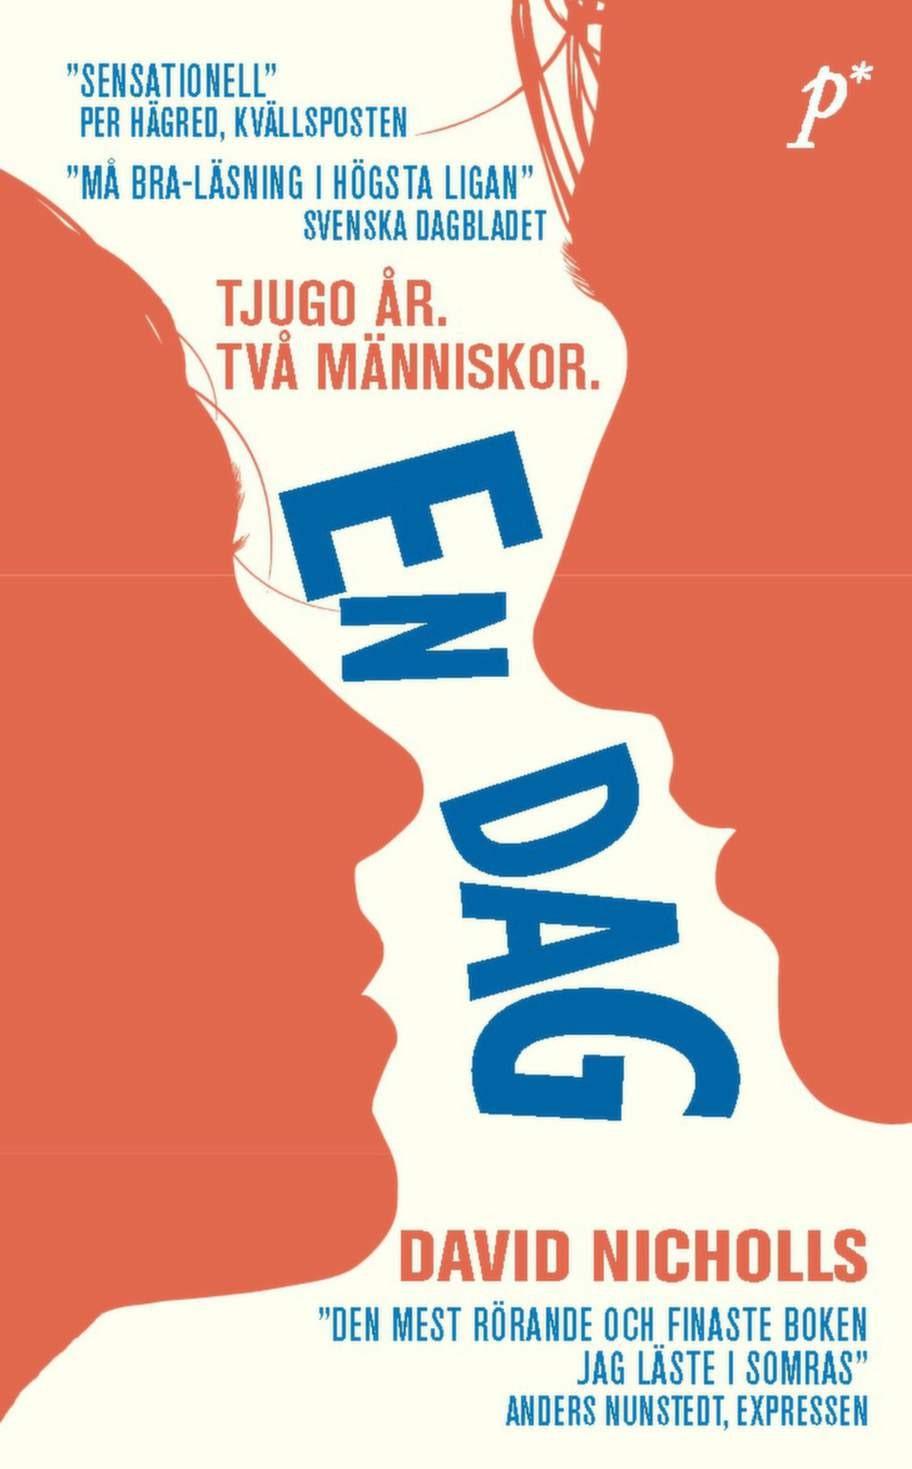 En dag av David Nicholls, Printz PublishingDenna sidvändar-roman blir lite av mindfulness, eftersom du lätt slukas av historien om Emma och Dexter och bara måste få veta hur det går. Kvalitetsunderhållning som trycker på livets pausknapp, och får dig att glömma tvätthögar och jobb.